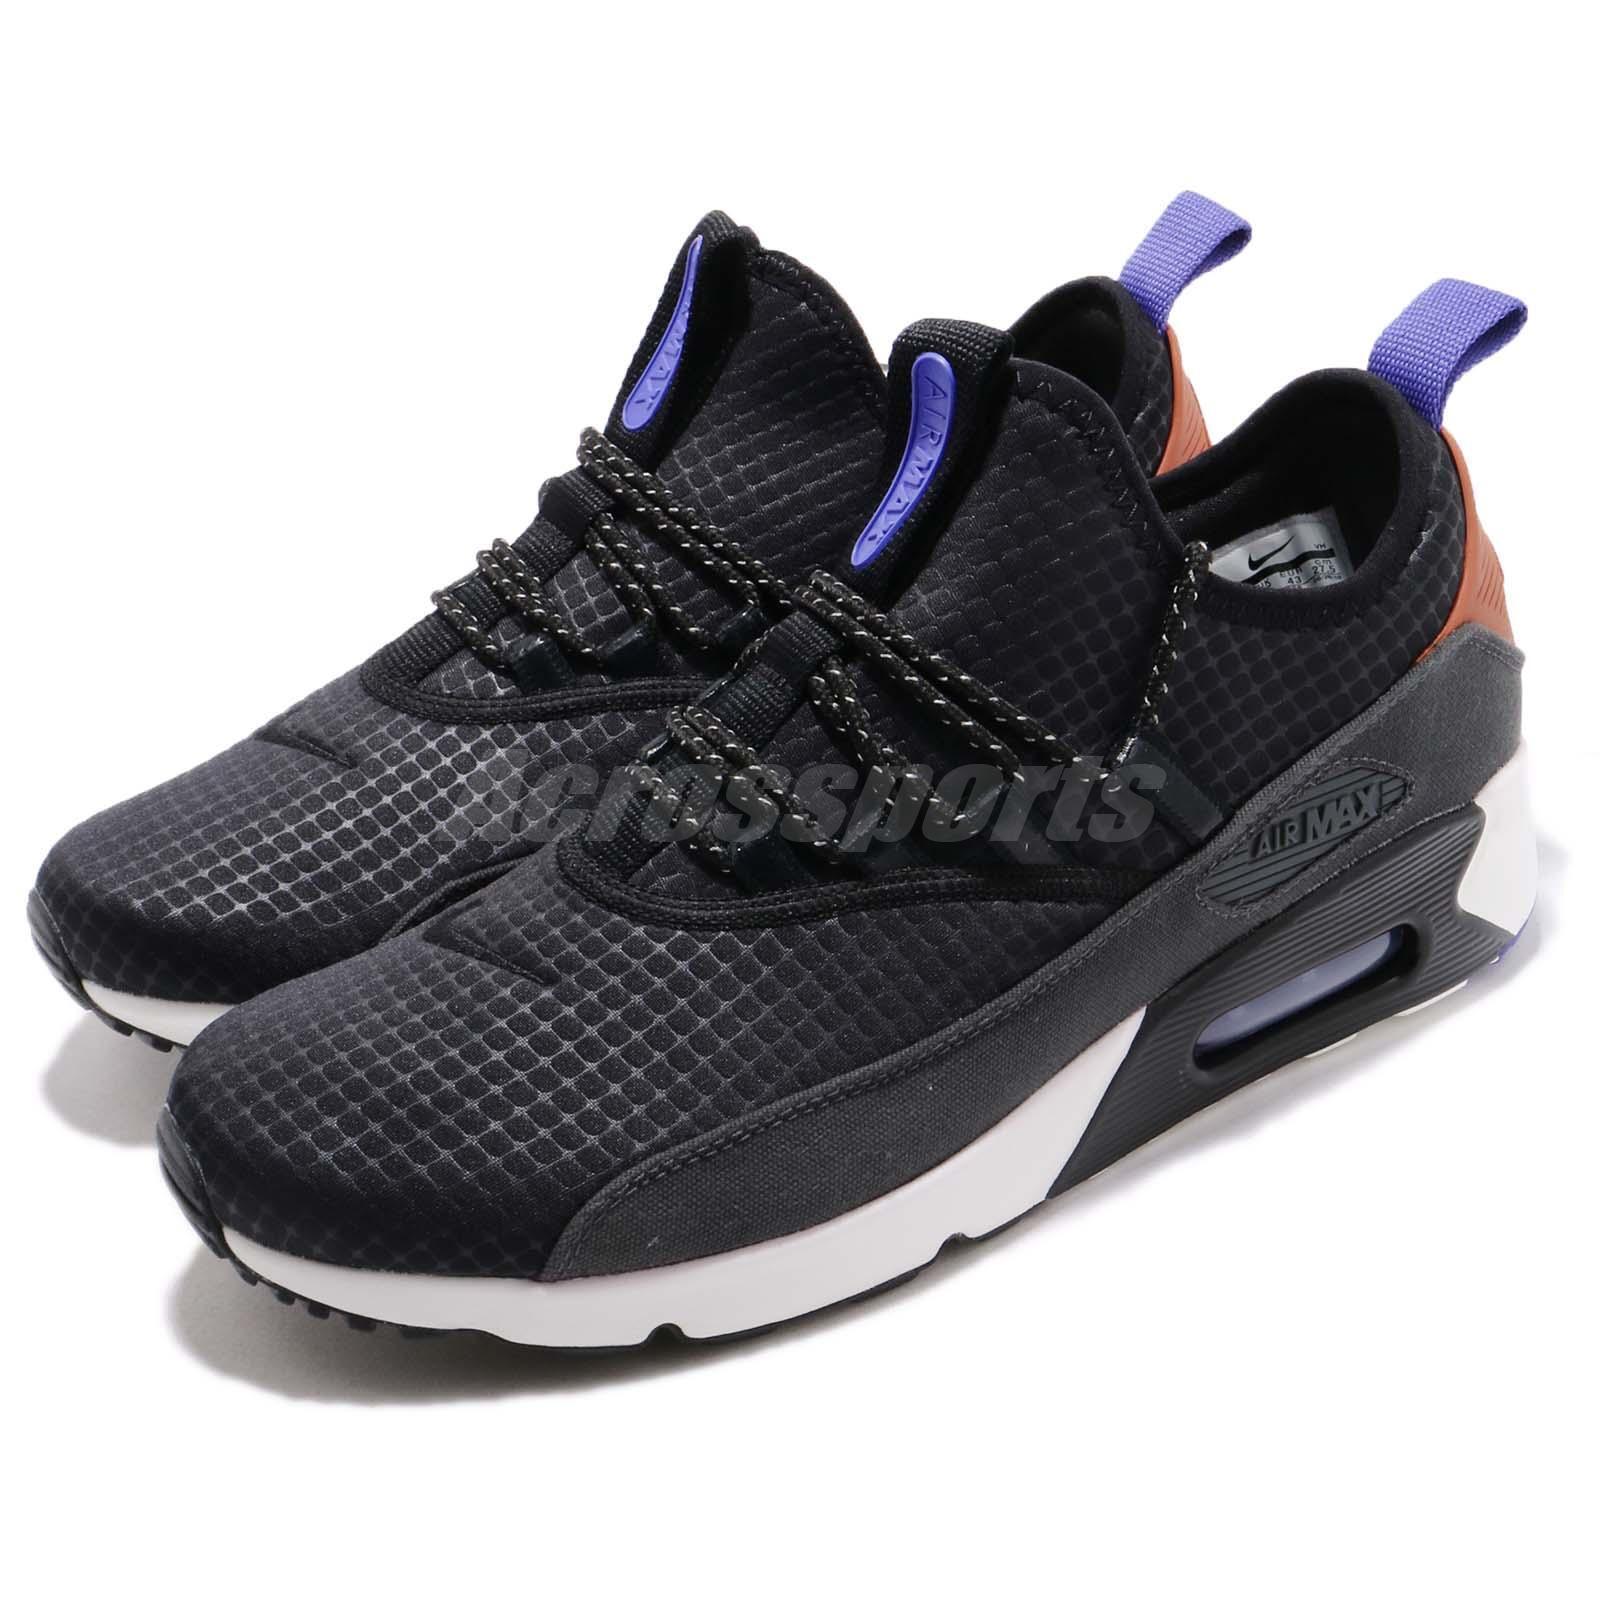 Nike Air Max 90 EZ Schwarz Weiß Lila Herren Laufschuhe Sneakers AO1745-008